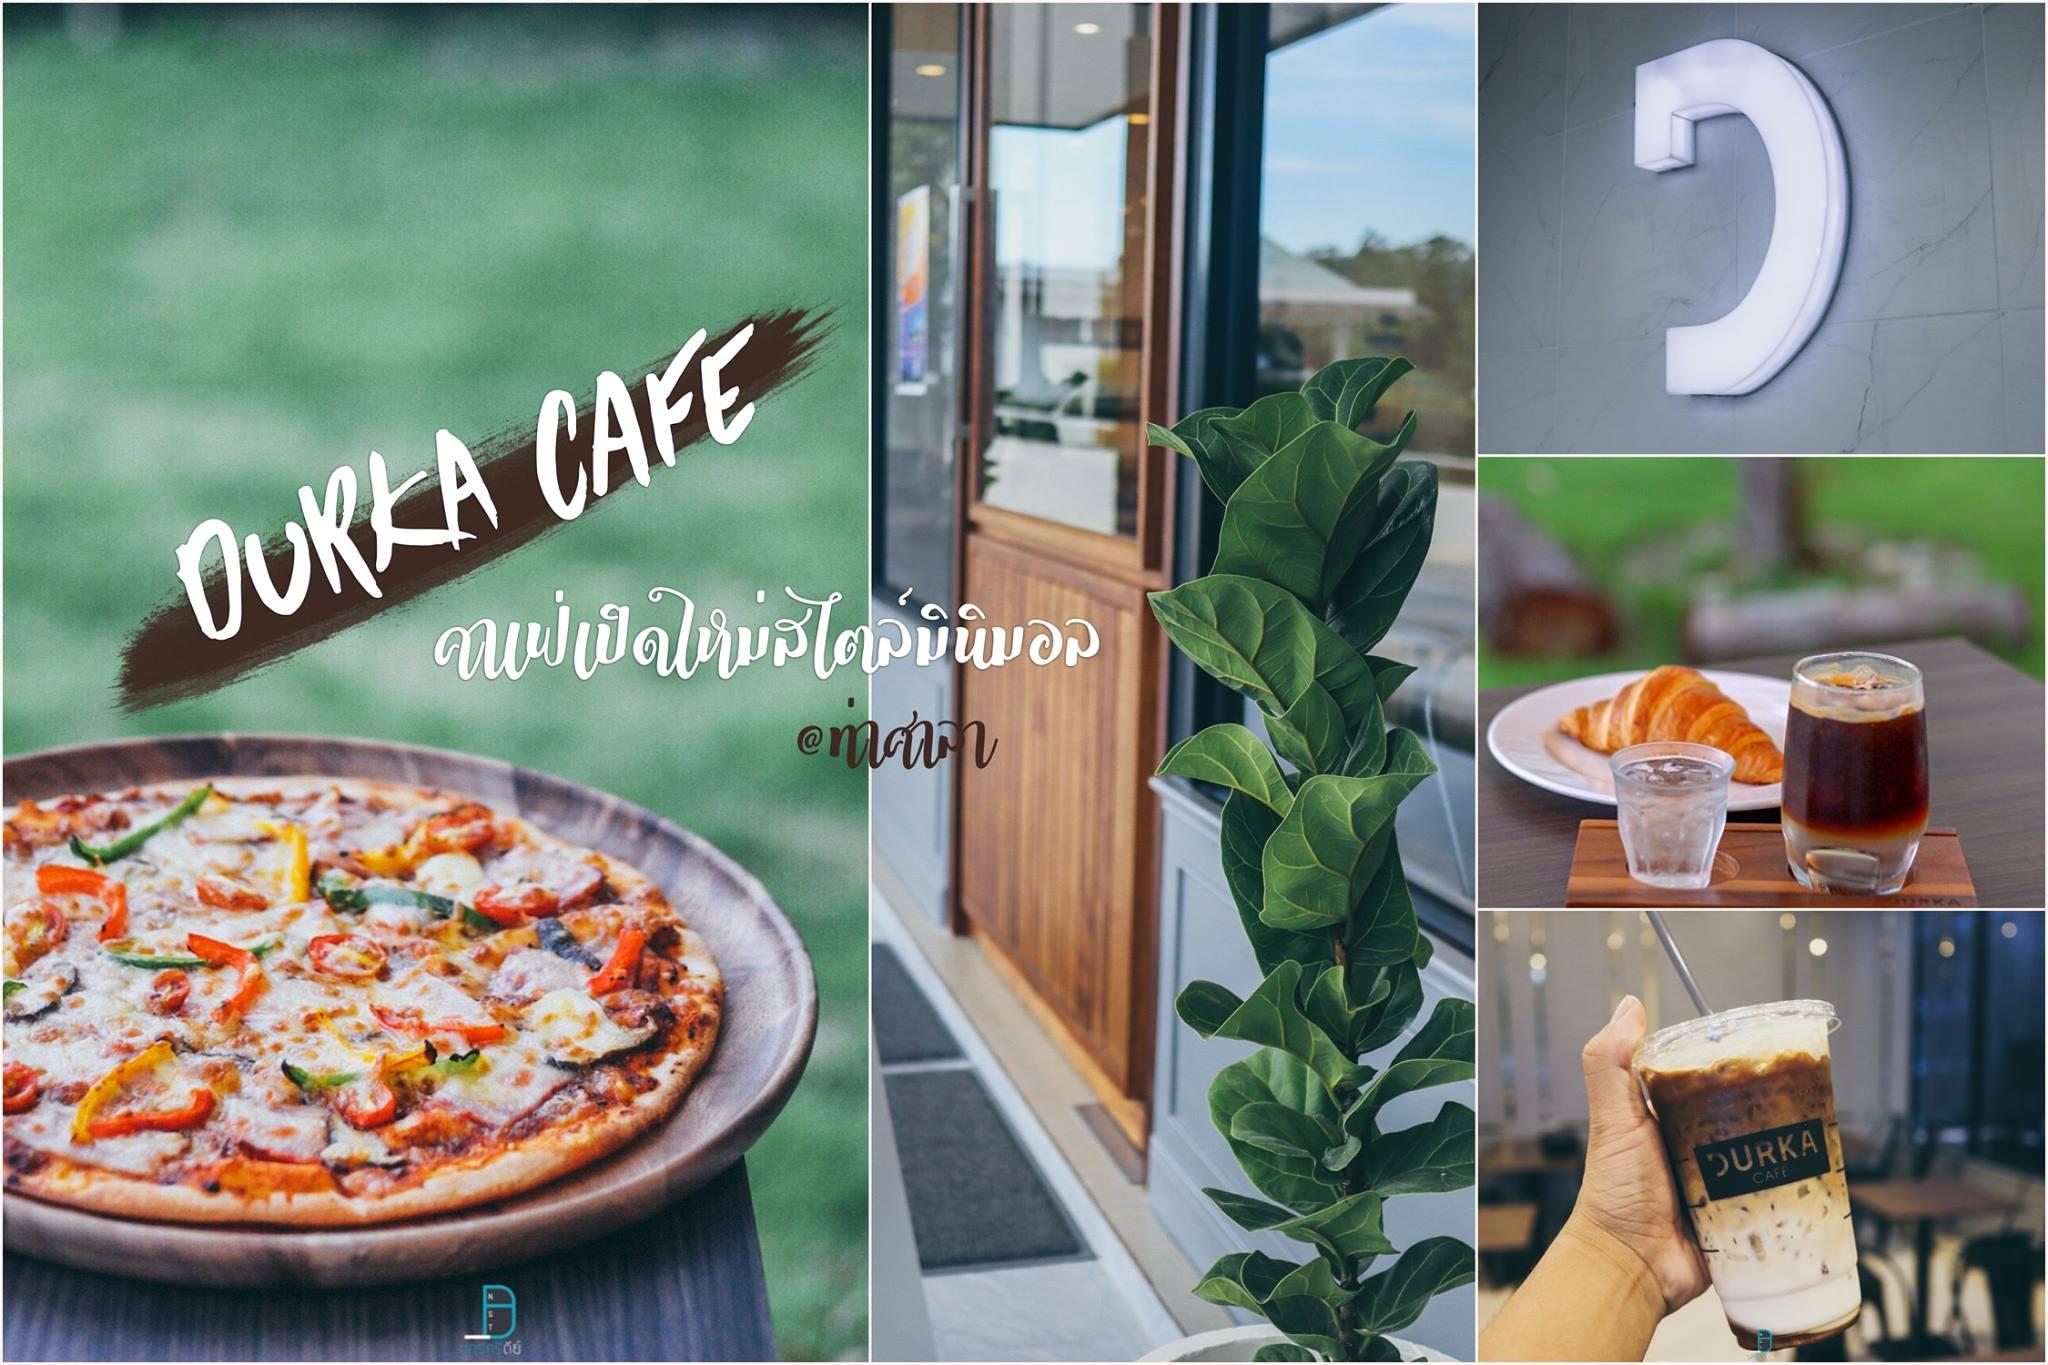 2.-Durka-Cafe-at-ท่าศาลา--ข้างศูนย์การแพทย์-มวล--ร้านนี้บอกเลยเป็นคาเฟ่สวยๆนั่งสบาย-เครื่องดื่มอร่อยๆ-แถมราคาไม่แพงด้วยครับ-ร้านนี้ชื่อว่า-Durka-Cafe-รีวิวกันเลยในส่วนของเครื่องดื่มแอดมินให้-10/10-รสชาติกลมกล่อมกำลังพอดี-แอดชอบๆ-ช็อกโกแลตโกโก้-ในส่วนของเมนูเค้กมีมากมายให้เลือกแอดชิมแล้วรสชาติค่อนข้างพรีเมี่ยมมีซิกเนเจอร์ของเค้กเค้าเลยครับ-รีวิวกันต่อเรื่องอาหาร-แอดลองสั่งพิซซ่ามาชิมขอบอกว่าเนื้อนุ่มๆมากมาย-ในส่วนของบรรยากาศร้านแอดให้-10/10-ครับโต๊ะกว้างนั่งสบายไม่แออัด-แถมมีห้องประชุมเล็กๆ-ให้ทำเป็น-workspace-หรือประชุมงานกันได้ฟรีด้วยครับ-คุ้มสุดคุ้มจริงๆร้านนี้แถมราคาไม่แพงด้วยนะ พิกัด-:-ในมหาวิทยาลัยวลัยลักษณ์-ท่าศาลา--ติดกับศูนย์การแพทย์-มวล- Fanpage-:-DURKA-CAFE คาเฟ่,นครศรีธรรมราช,2021,จุดกิน,ของกิน,วิวหลักล้าน,ร้านกาแฟ